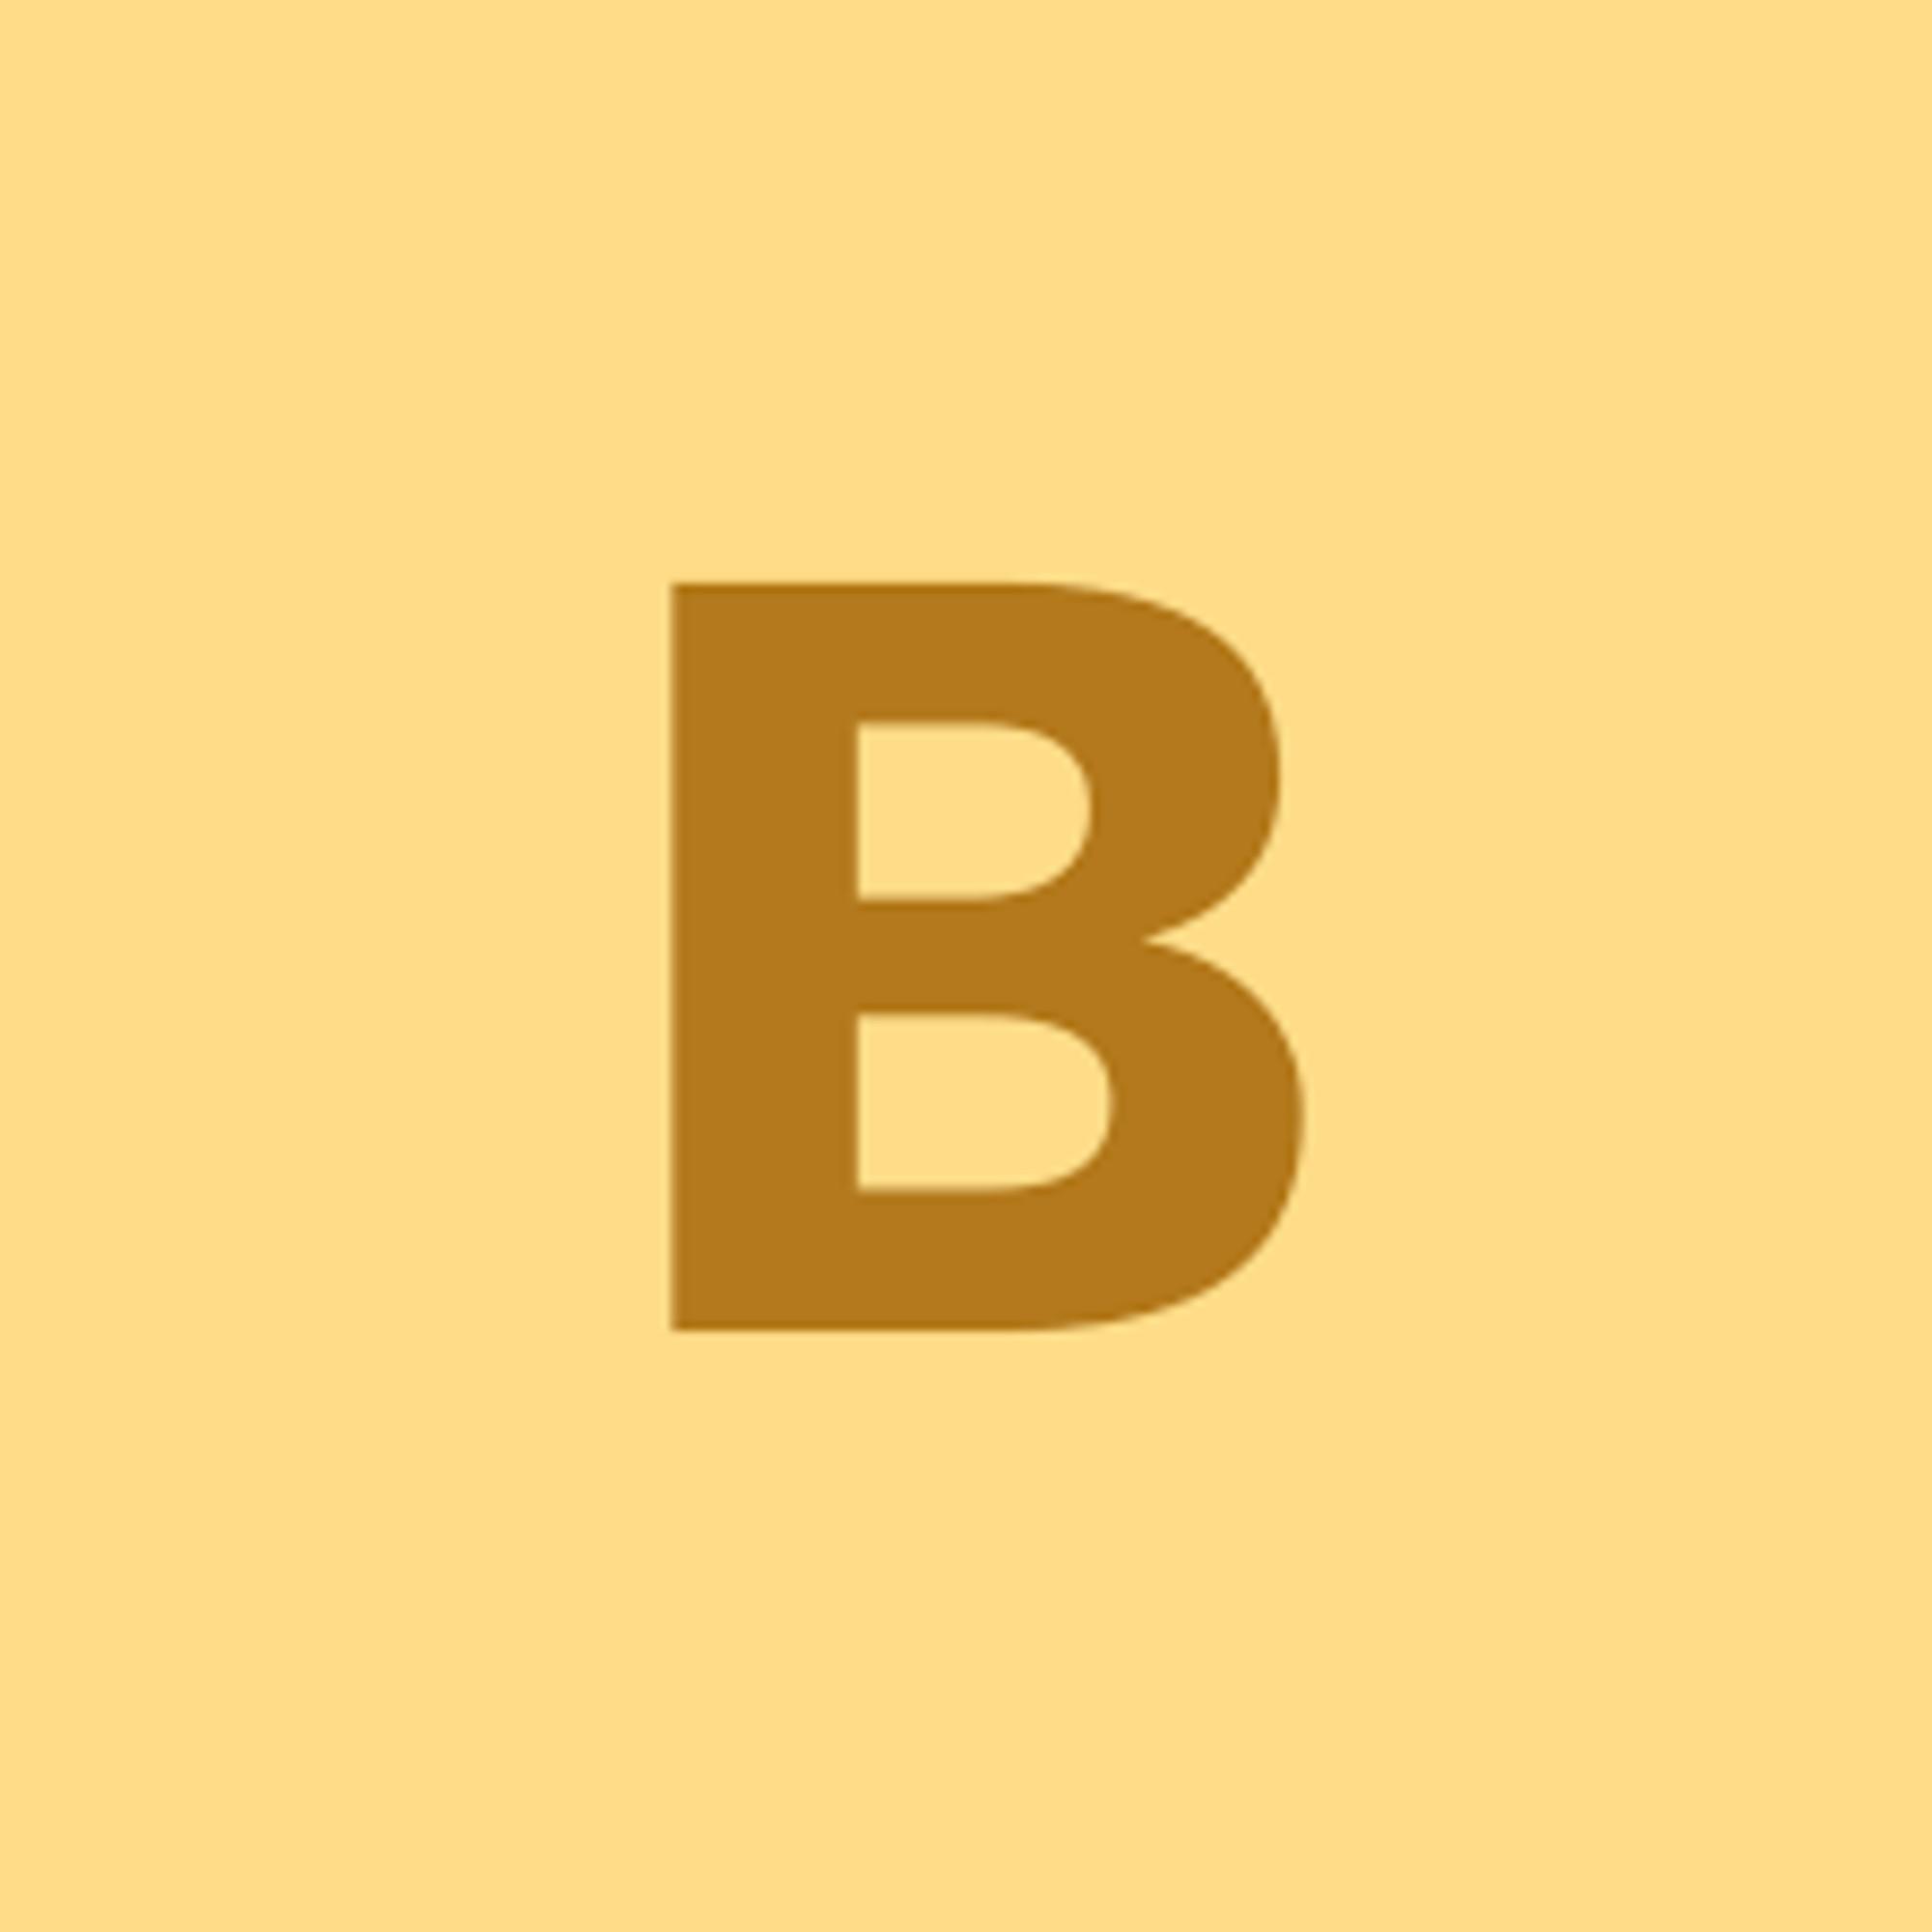 Bhang-Bhang